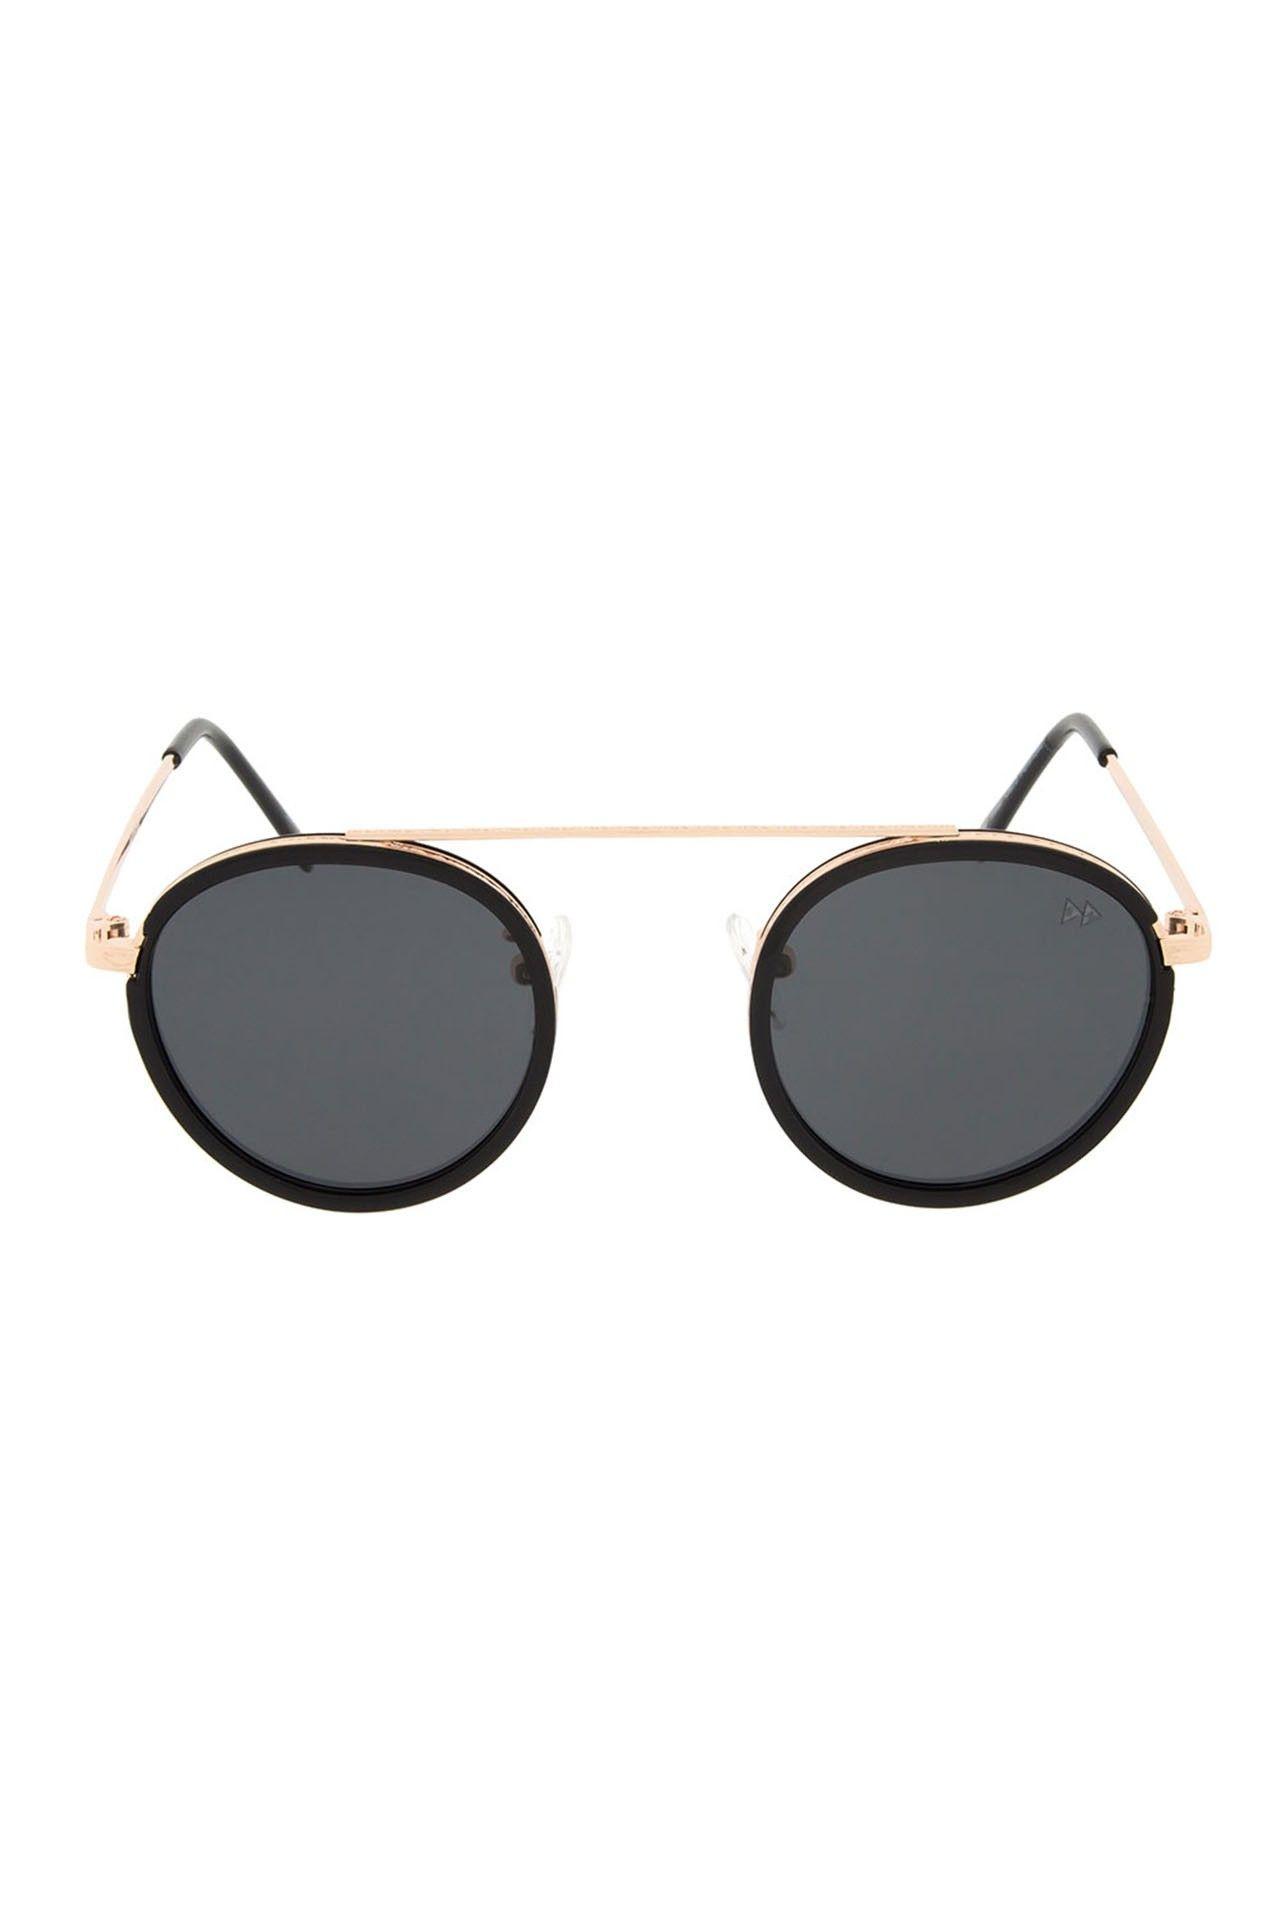 Afbeelding van Sunheroes Ocean Premium 2317 Zonnebril Pale Gold Metal With Black Plastic